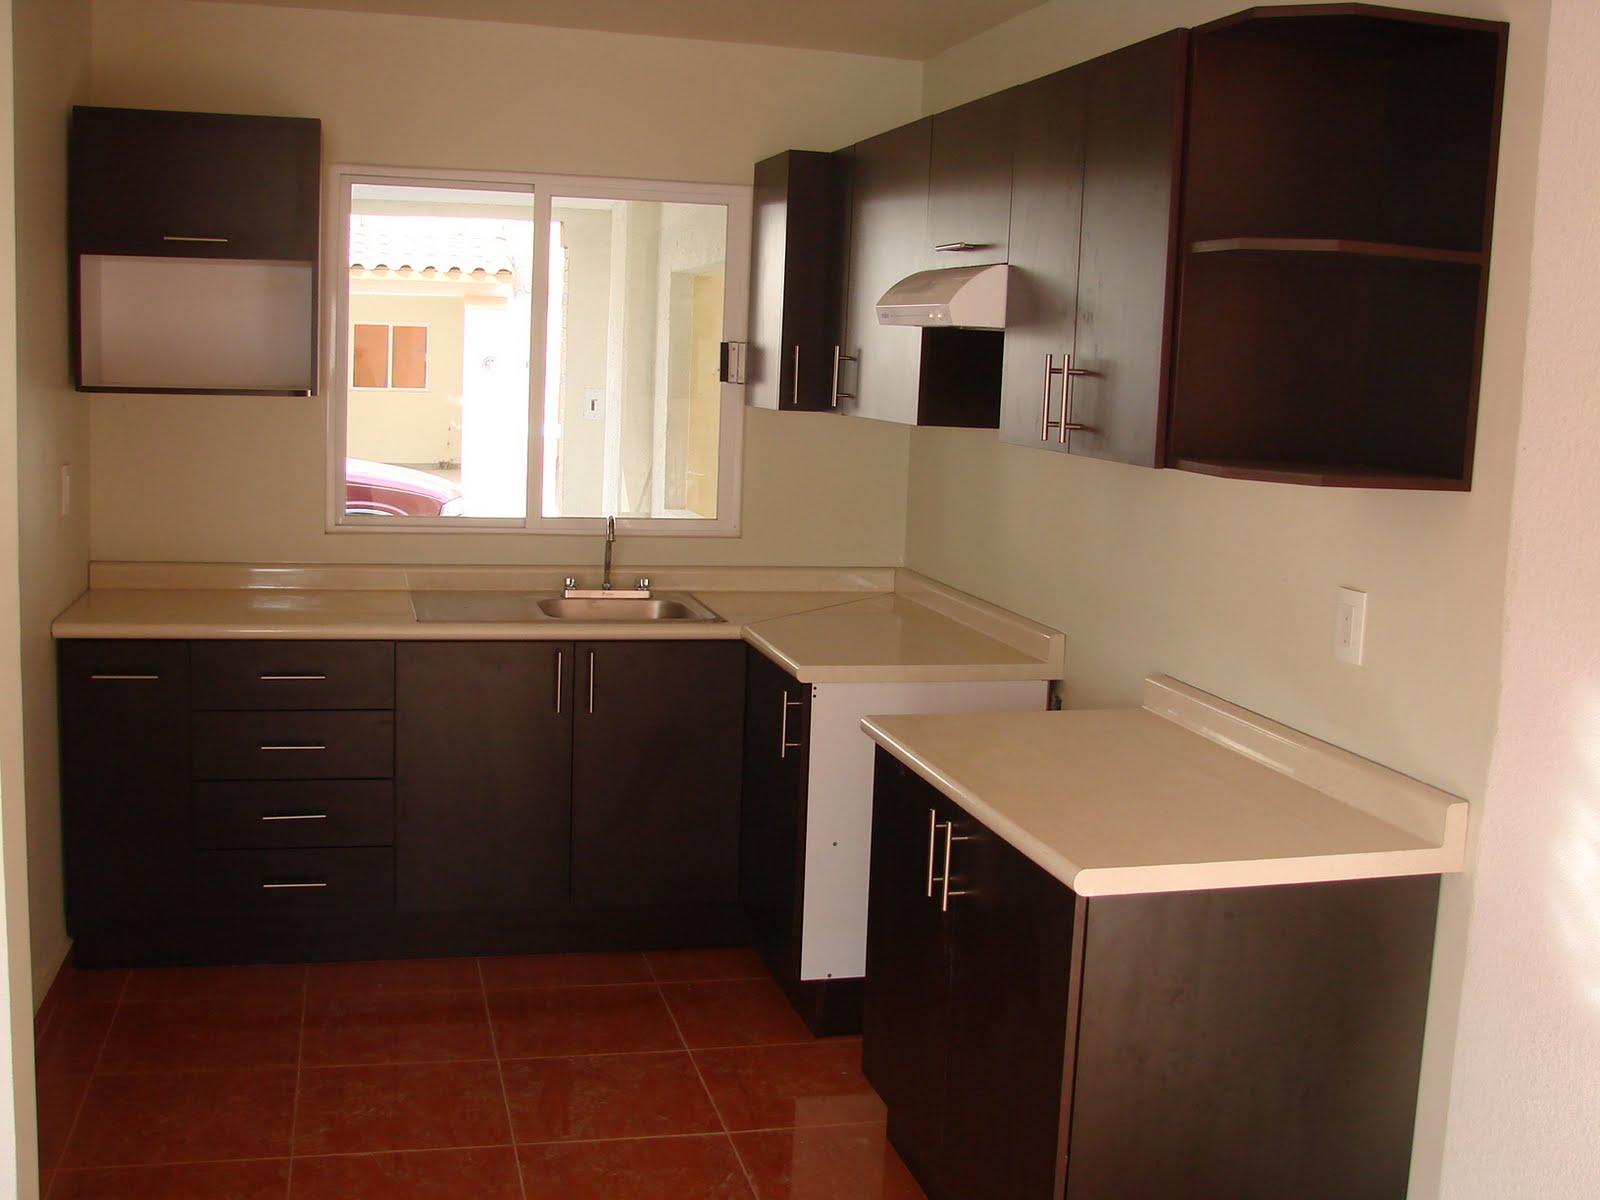 Cocinas integrales vestidores closets etc cocinas varias for Cocinas integrales color negro